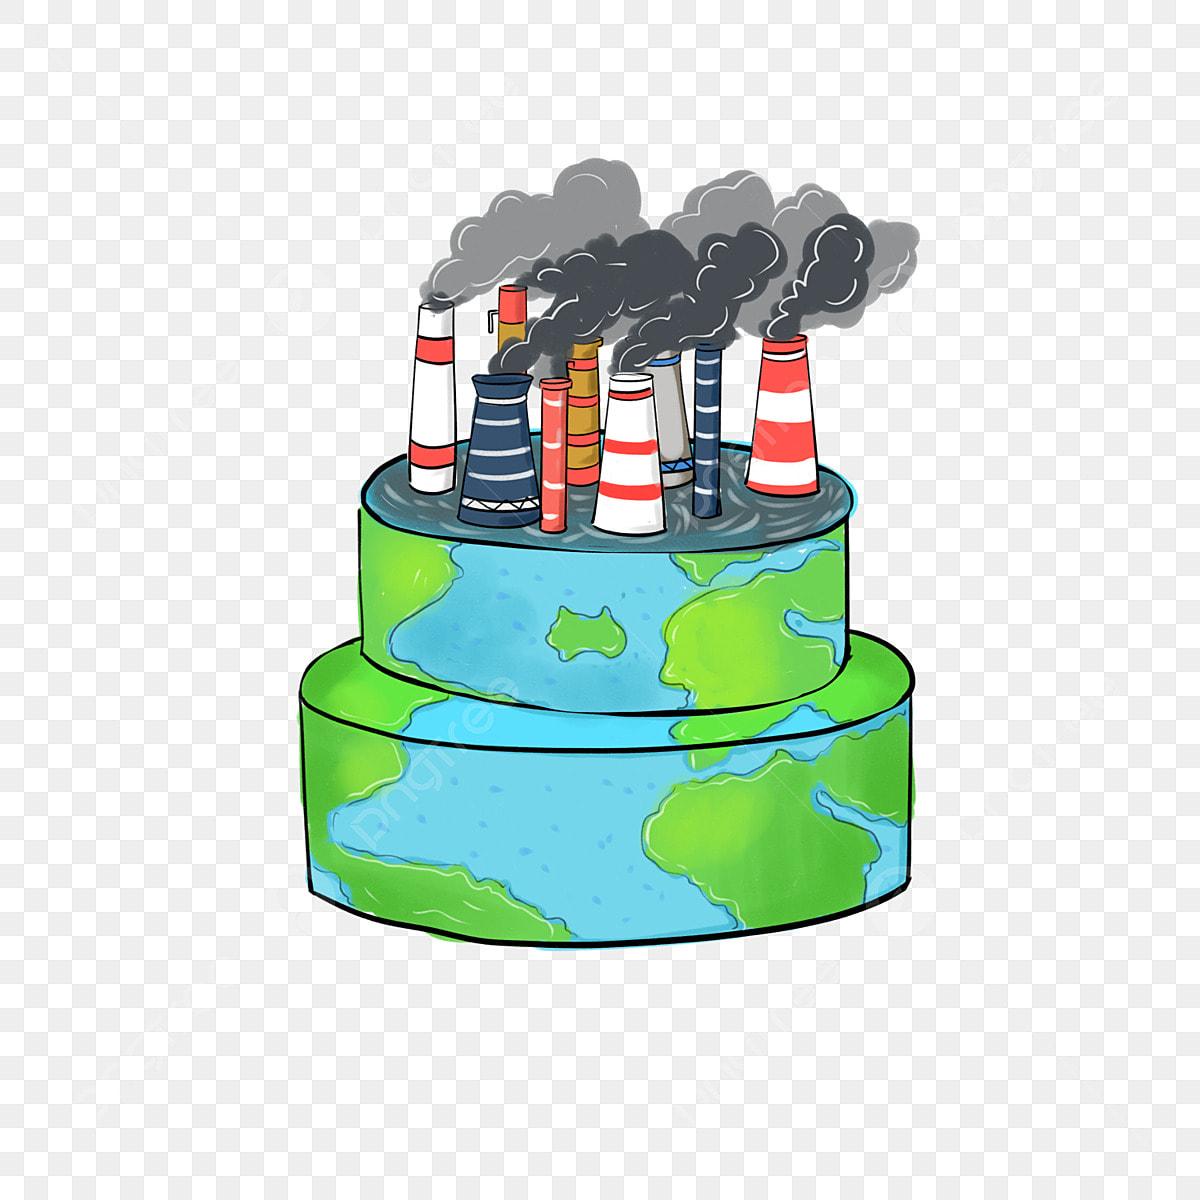 Dessin De Terre Dessiné à La Main Cheminée Pollution